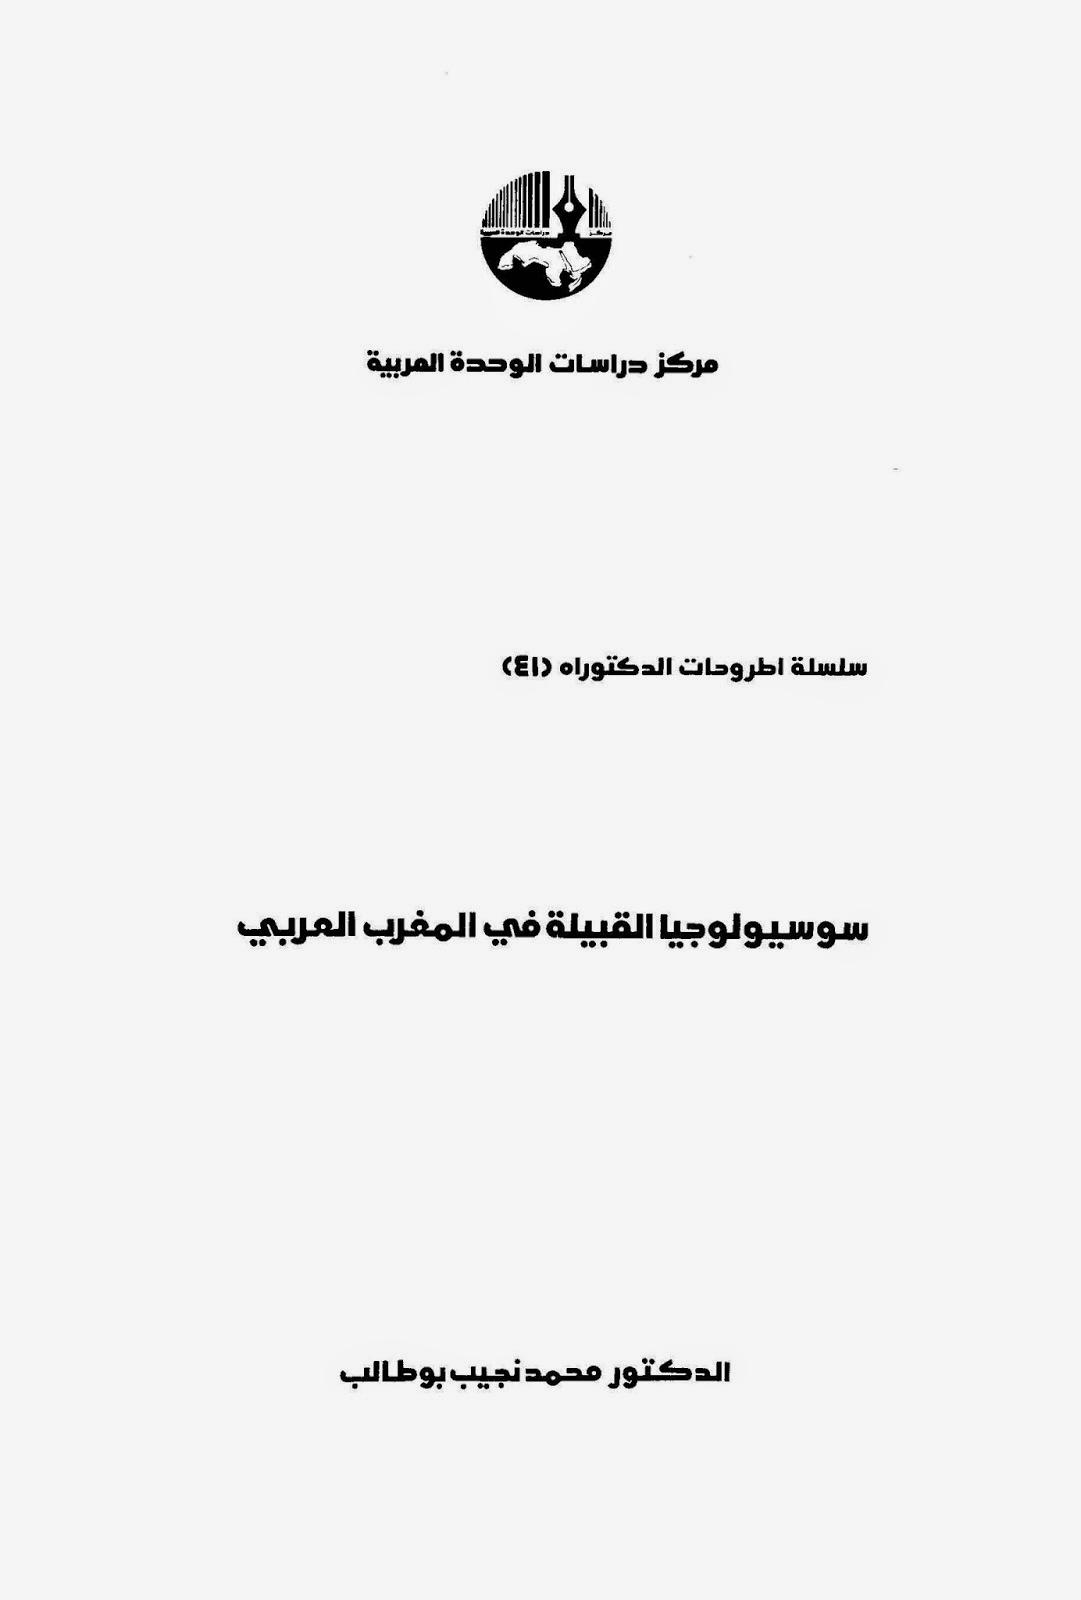 سوسيولوجيا القبيلة في المغرب لـ محمد نجيب بوطالب